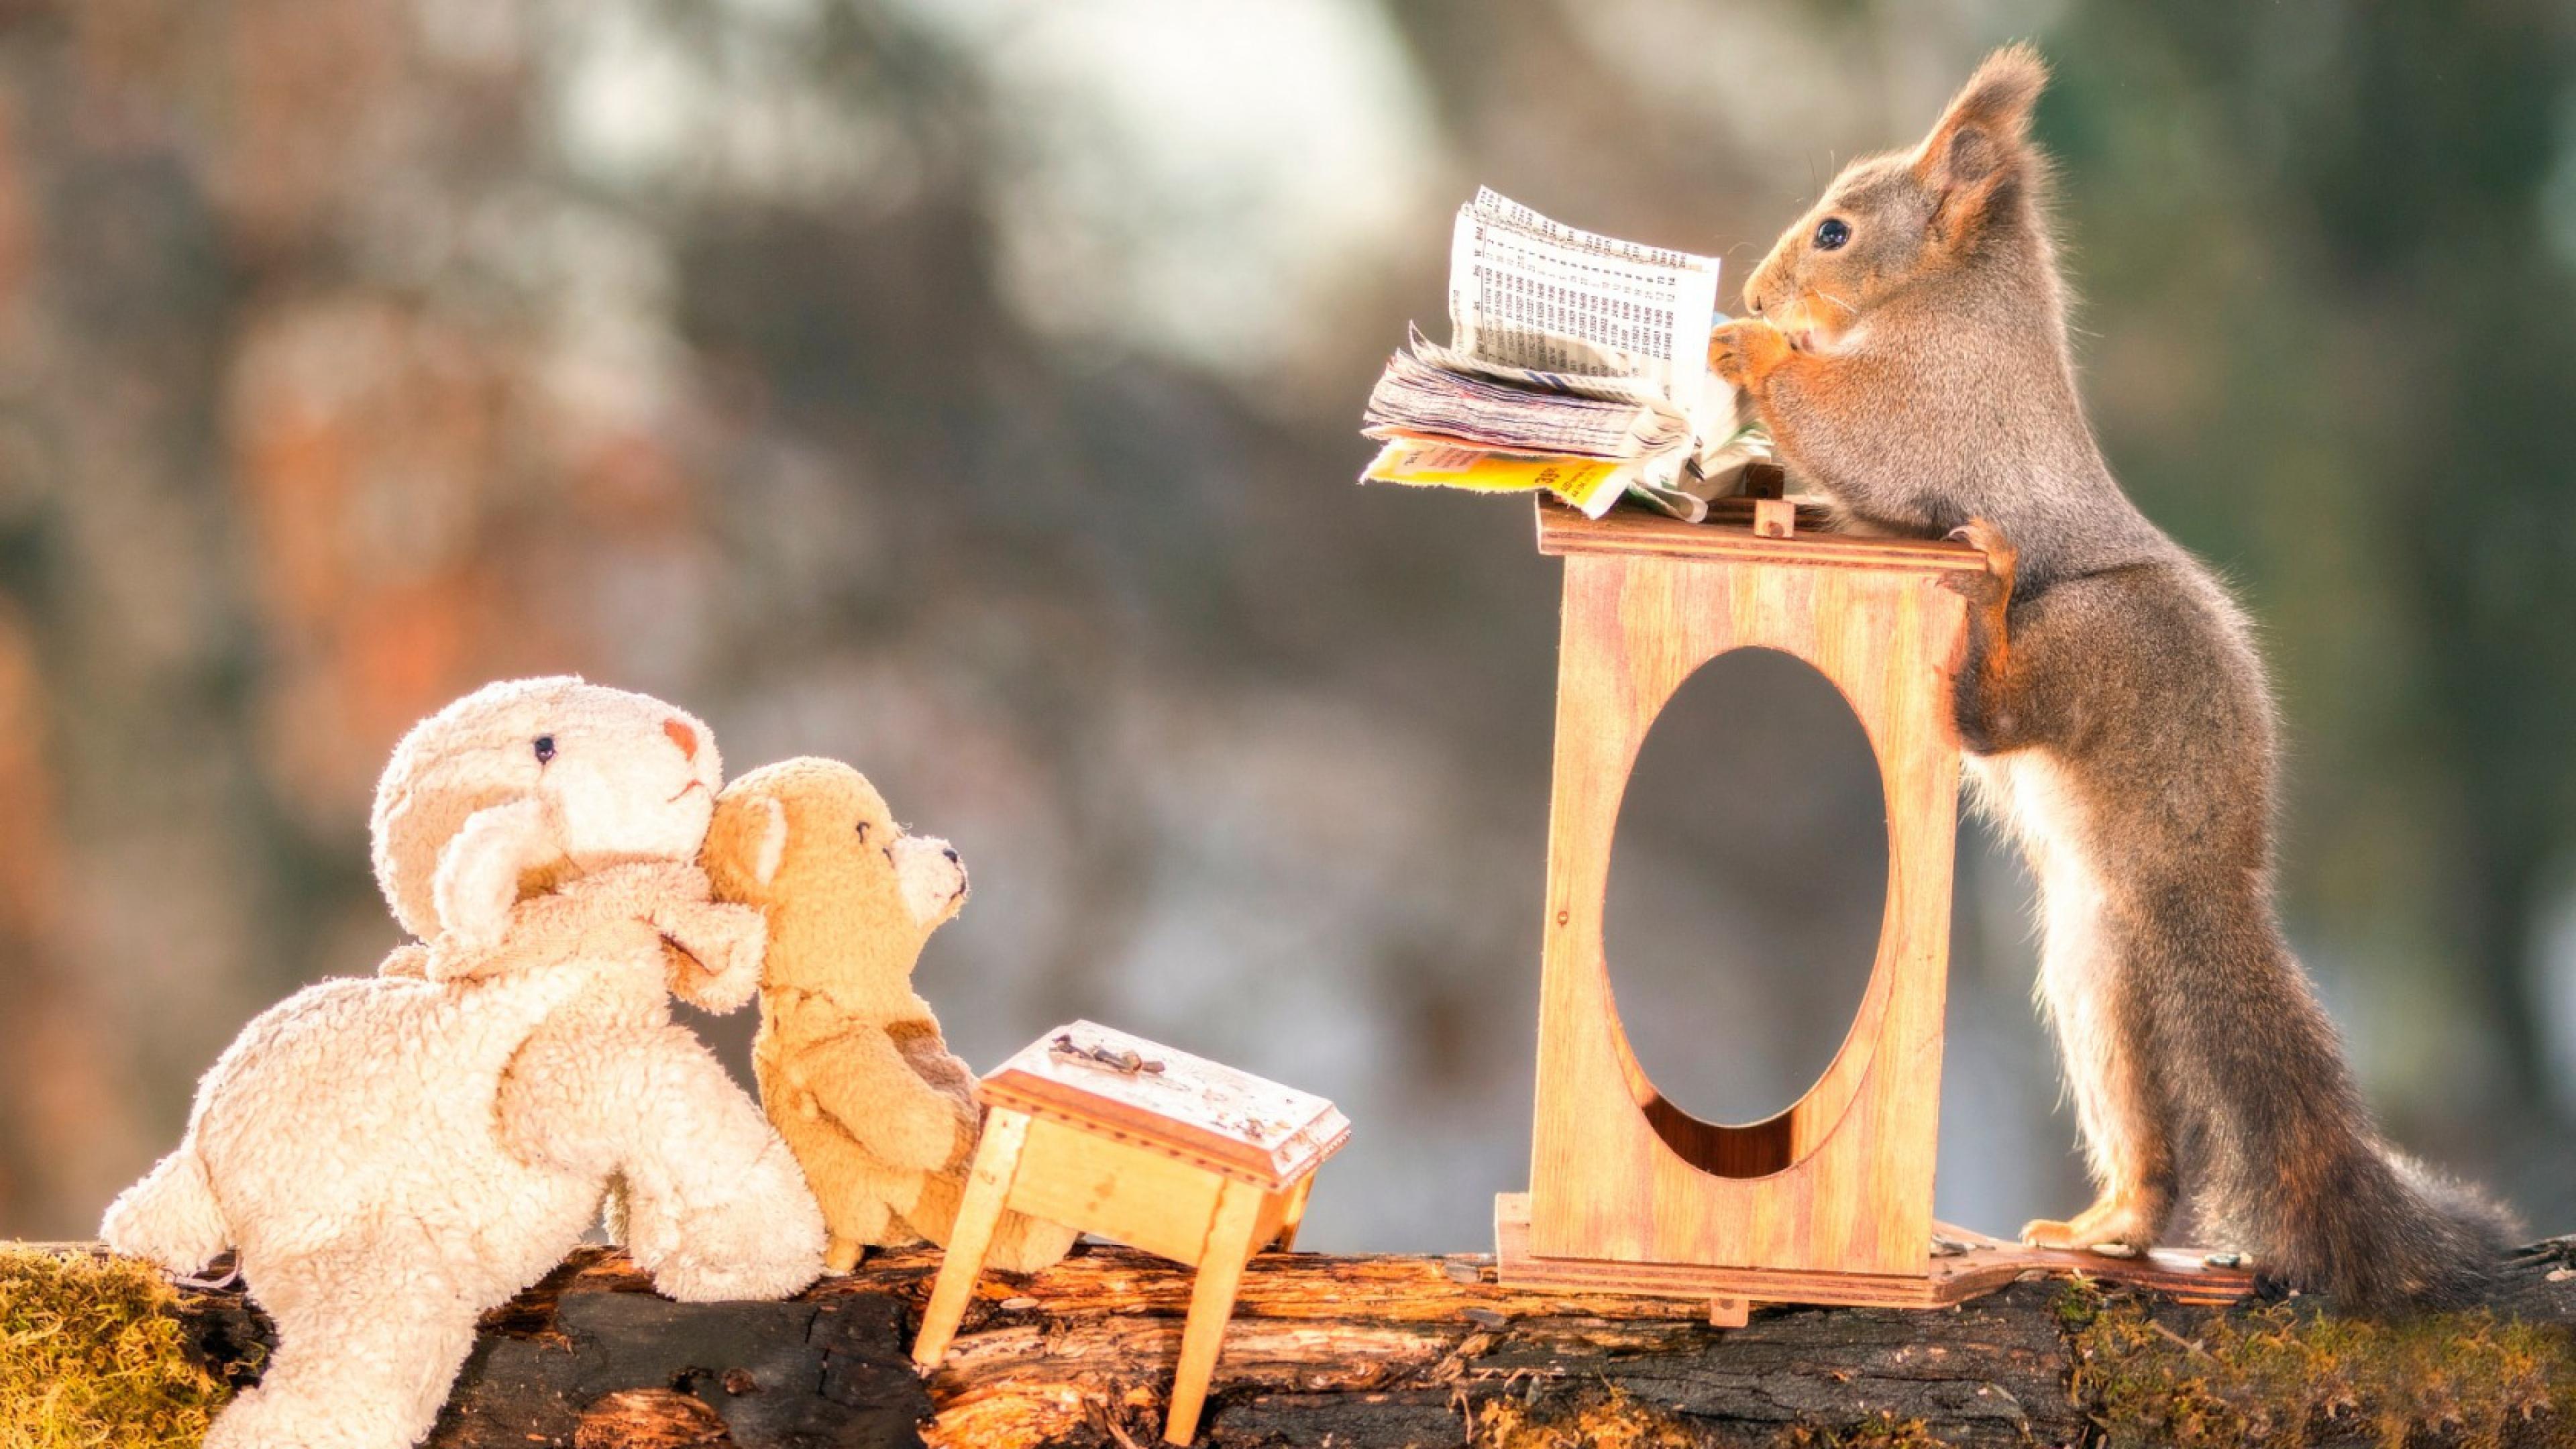 squirrels funny 1575663198 - Squirrels Funny -